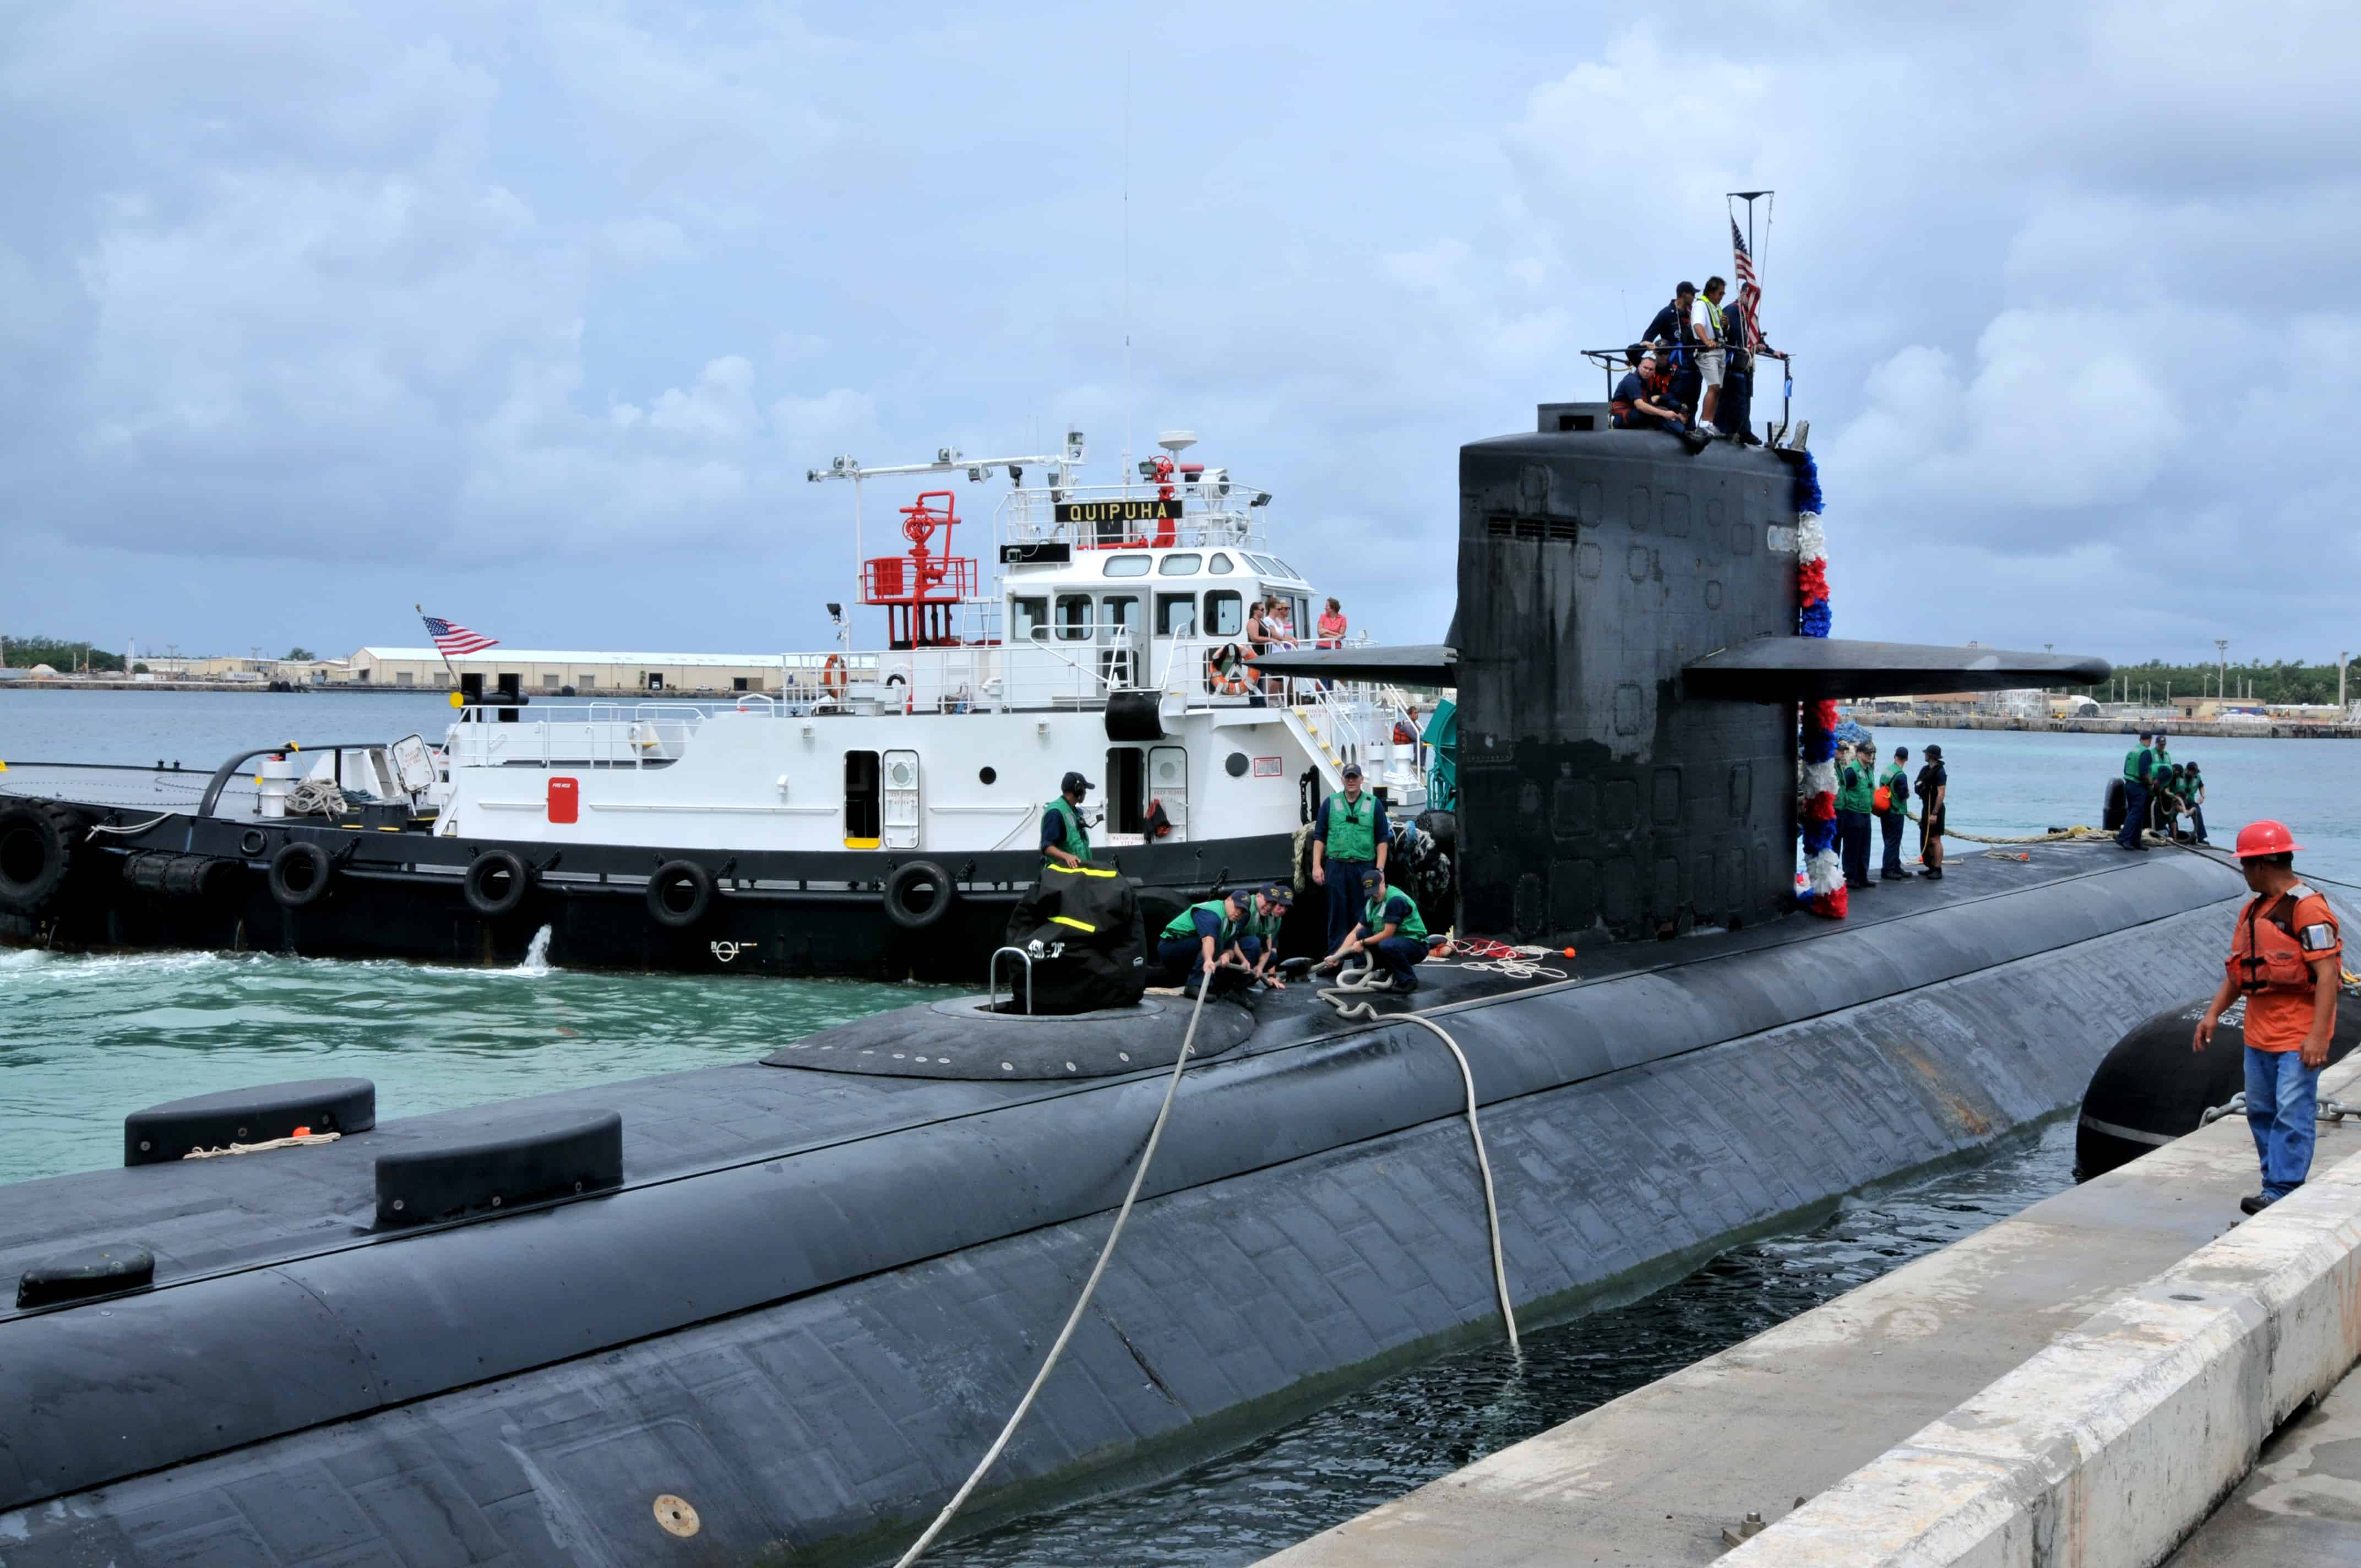 US Navy: 35-letni okręt za stary do służby, wylądował w muzeum